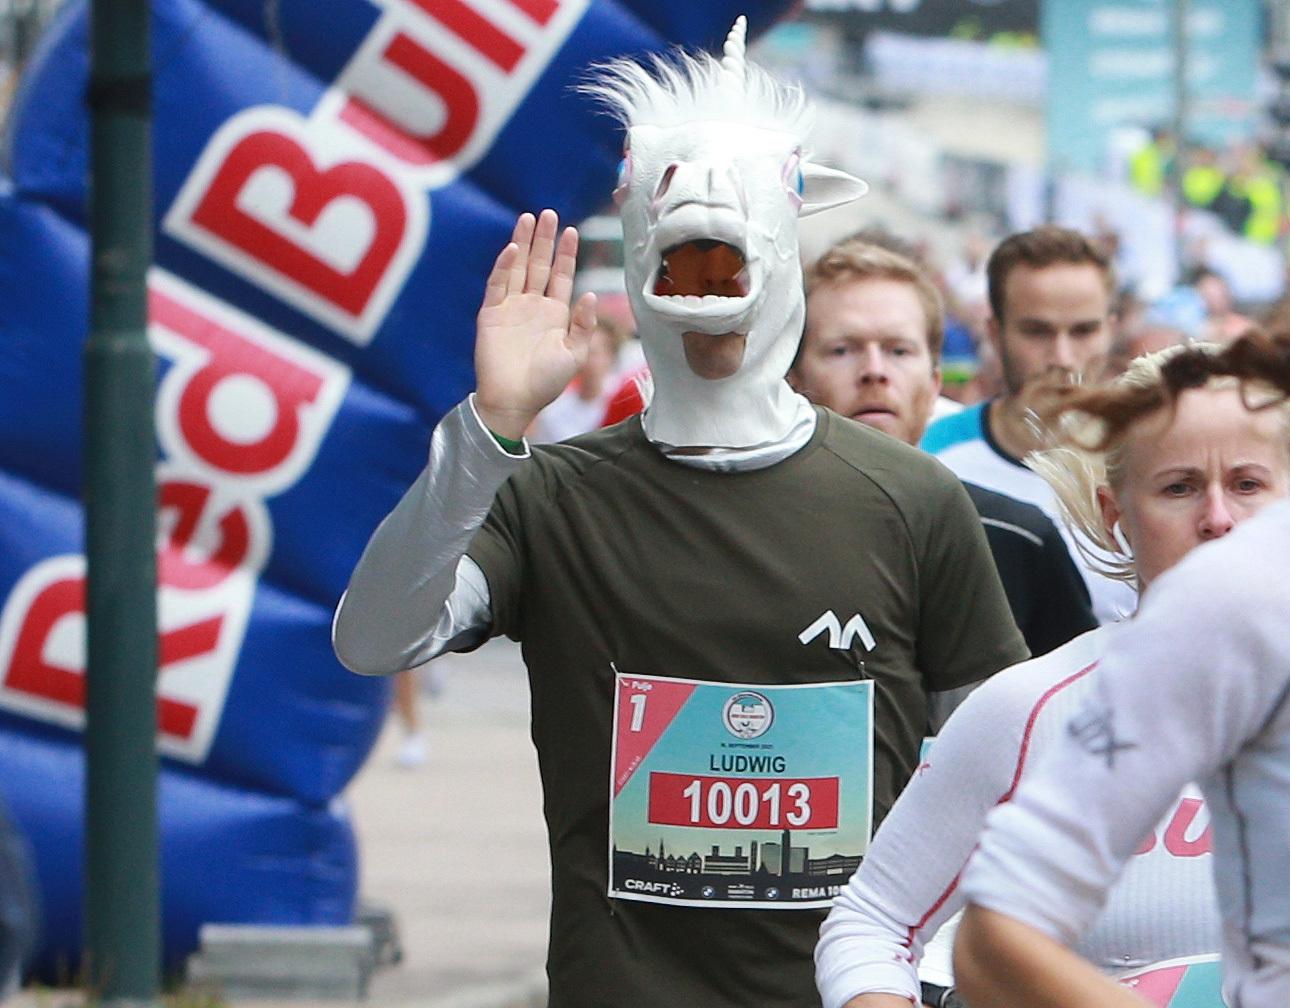 10km_start_hestehode_Ludwig_stne10013_AZ3T8906.jpg